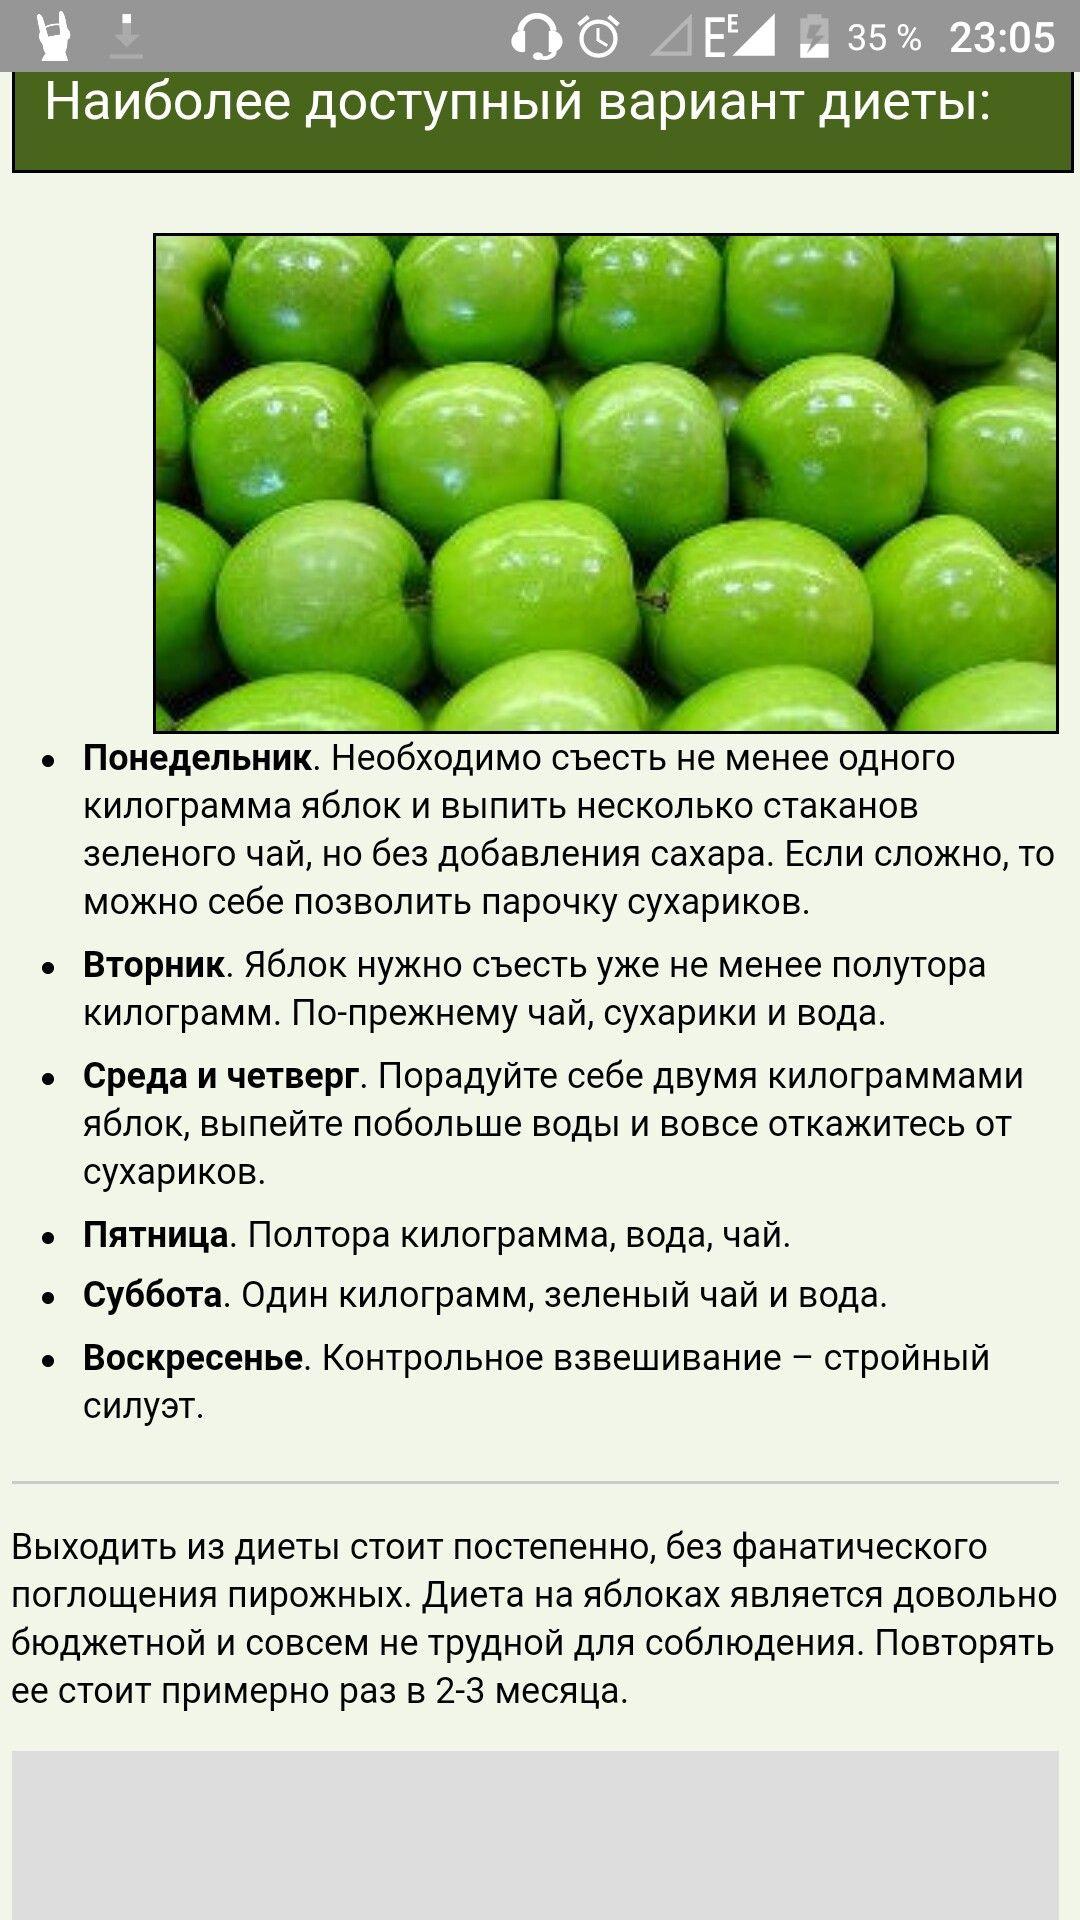 Яблочная диета для похудения за день